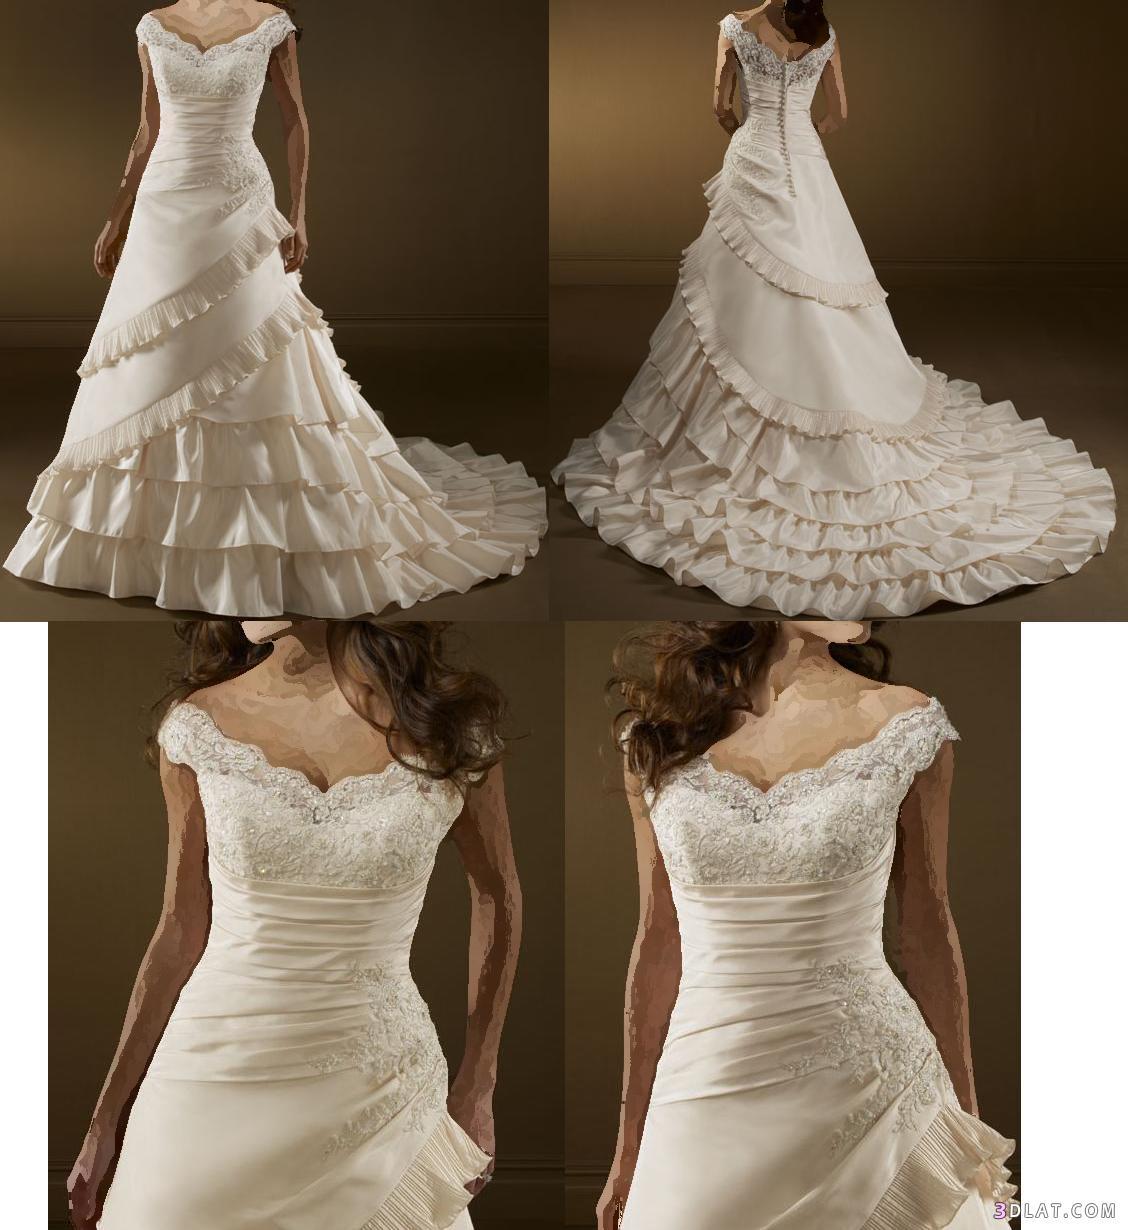 فساتين زفاف مميزة لارق عروس